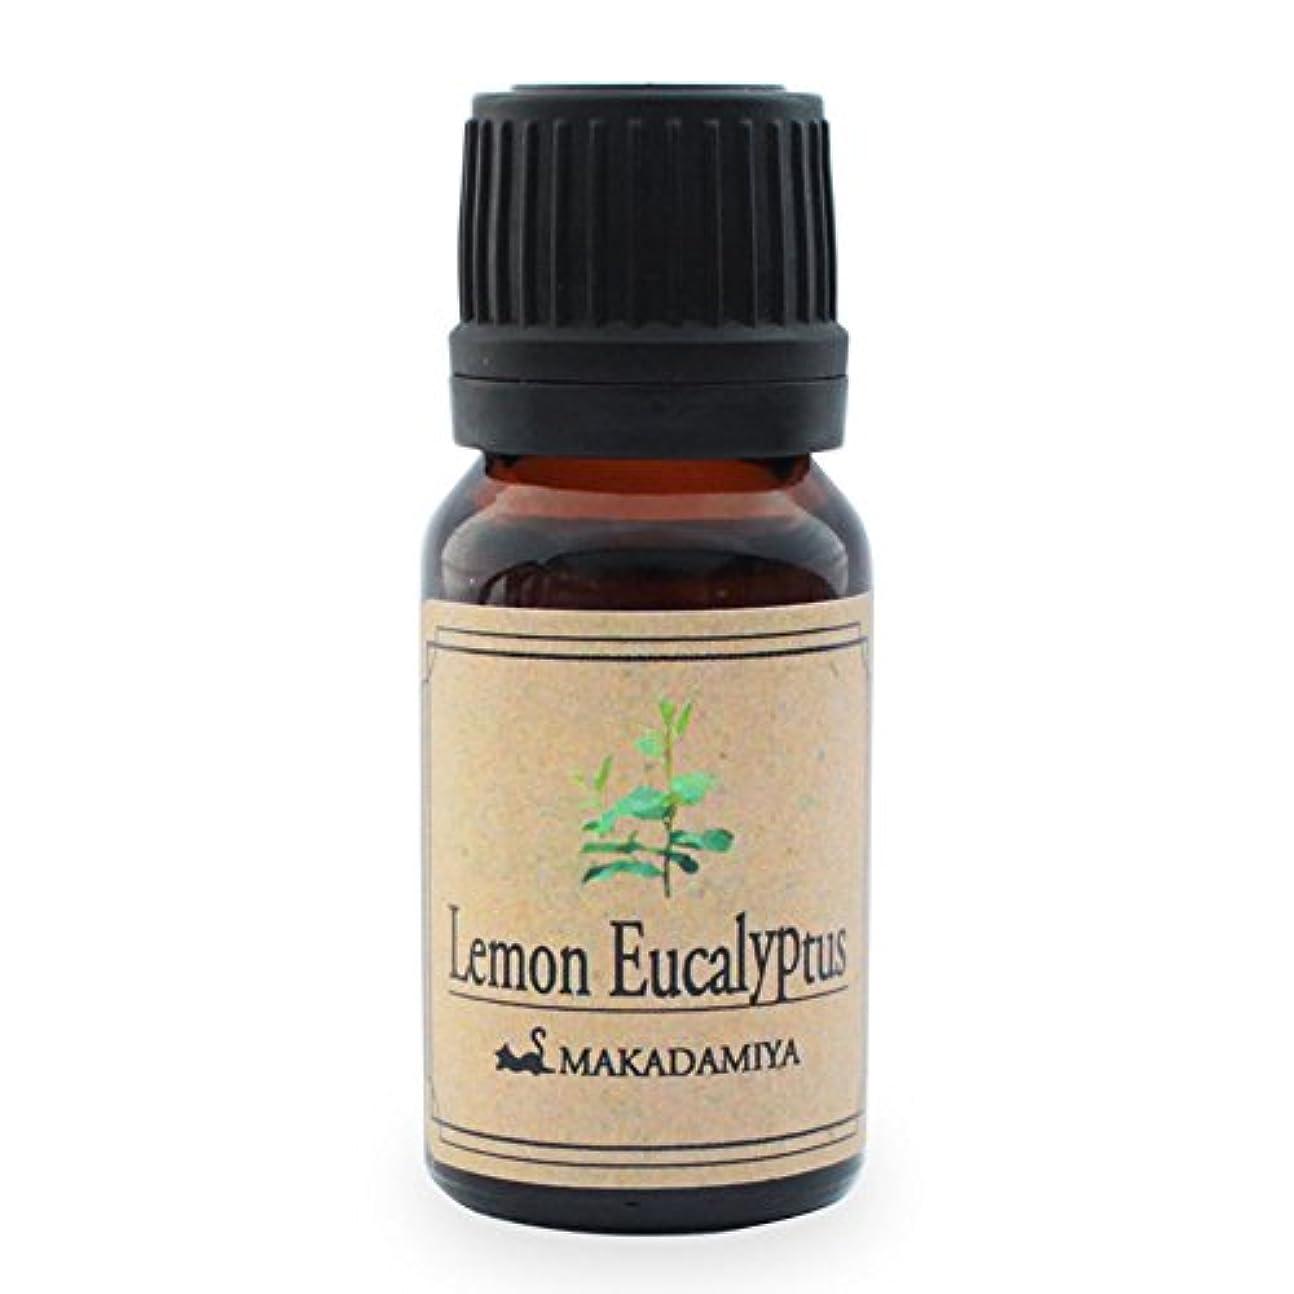 明らかに取る羨望レモンユーカリ10ml 天然100%植物性 エッセンシャルオイル(精油) アロマオイル アロママッサージ aroma Eucalyptus Citriodora